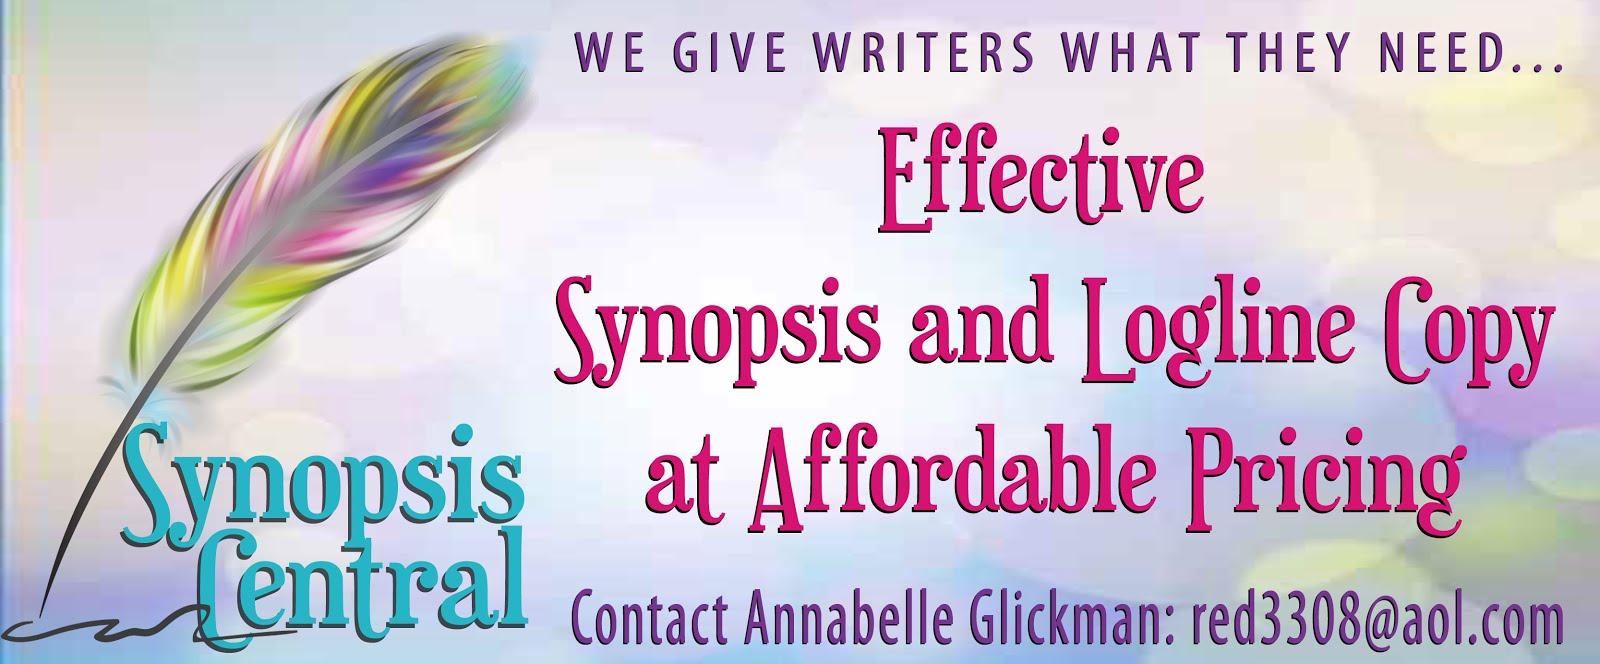 Every writer needs one!